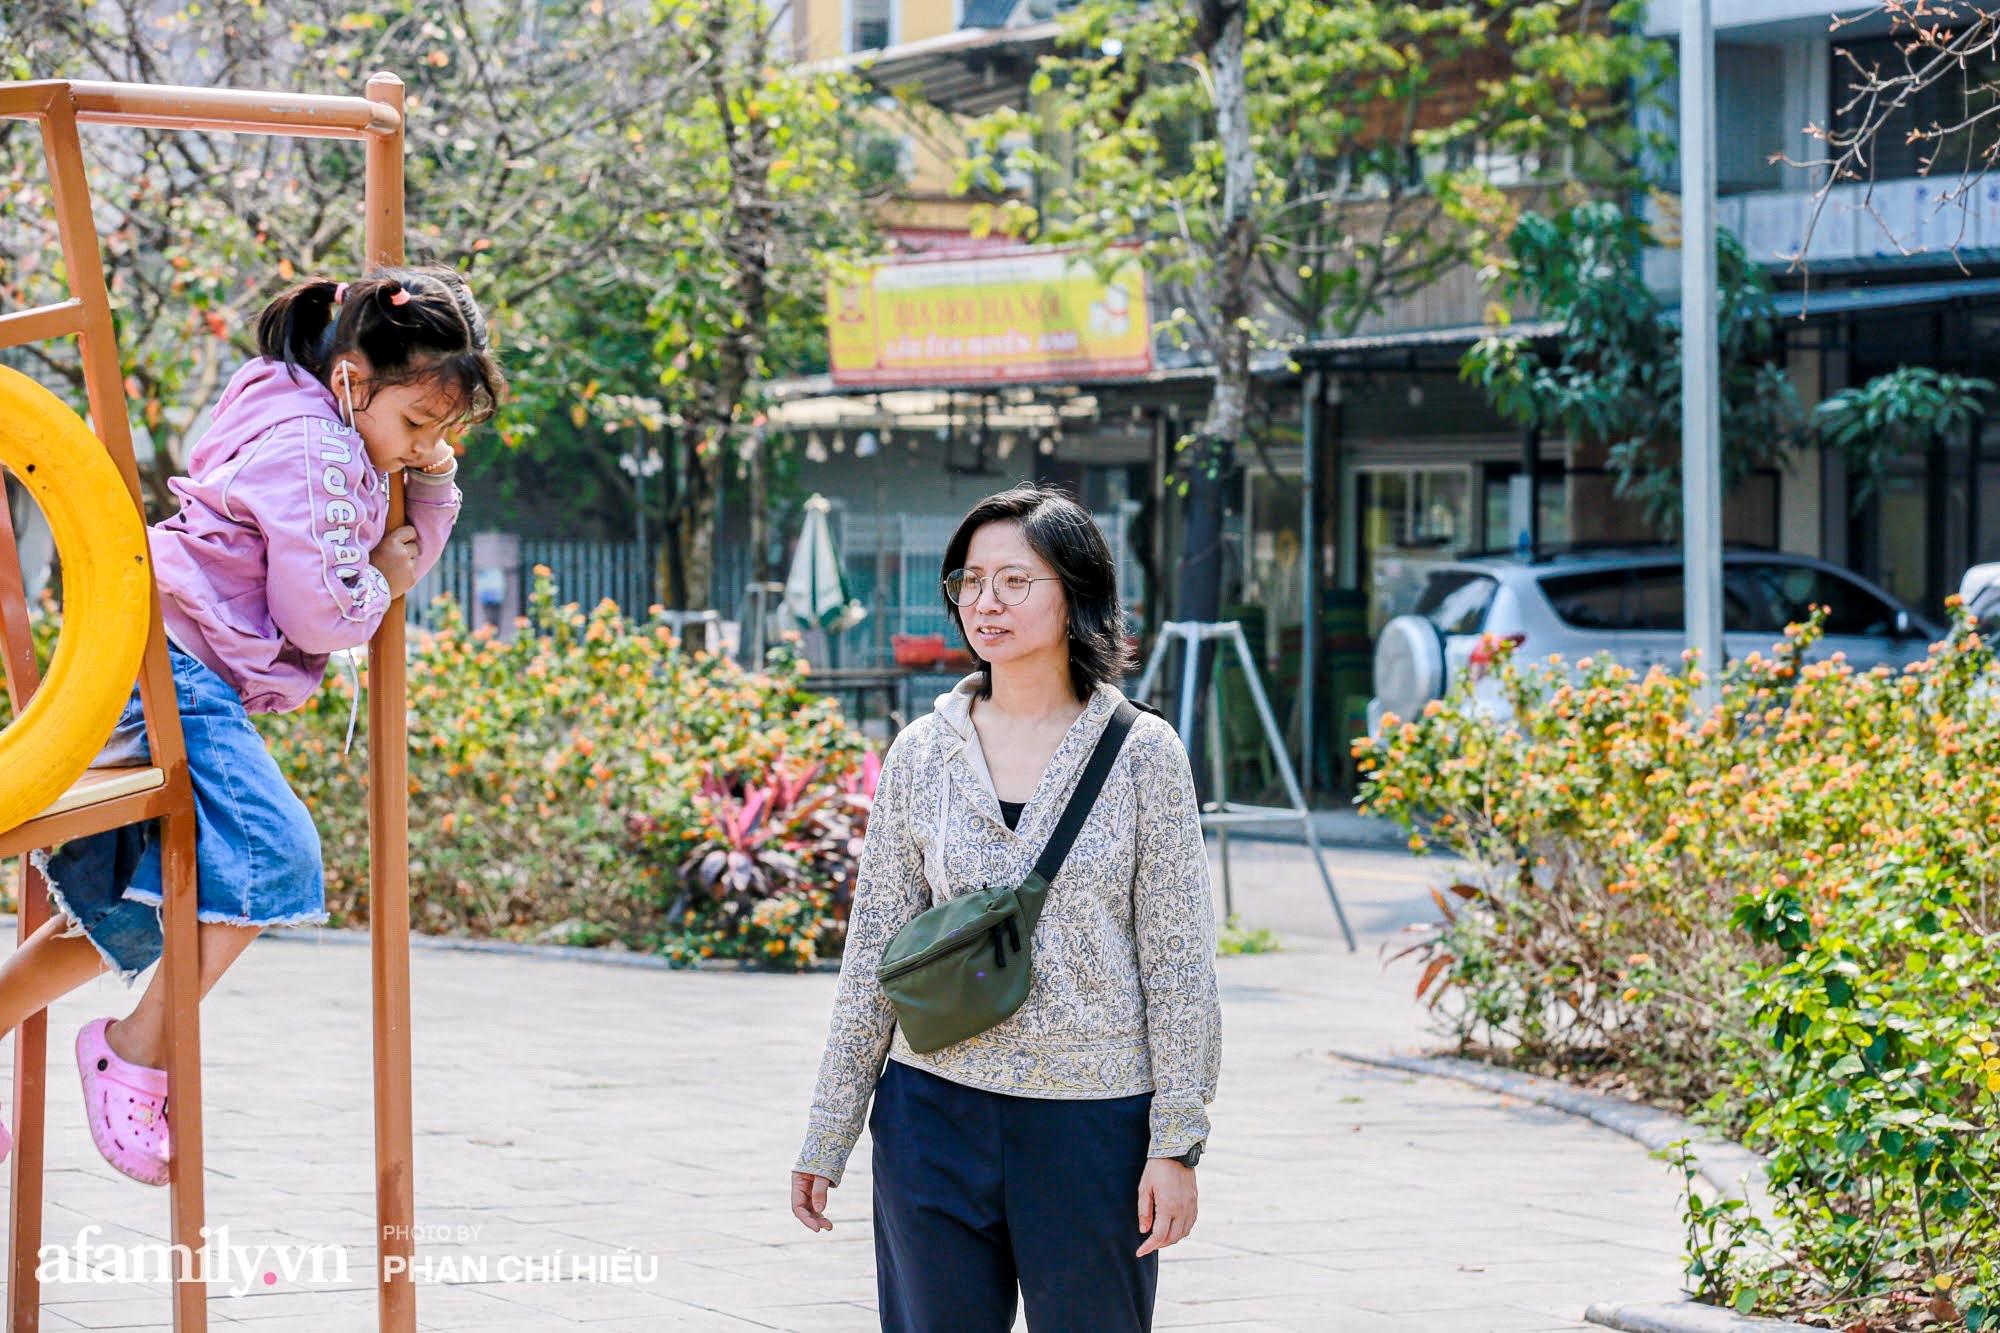 """Người Việt duy nhất lọt vào danh sách """"100 phụ nữ của năm 2020"""" trên toàn thế giới kể về cuộc gọi kỳ lạ từ phóng viên đài BBC, làm nên cột mốc quan trọng trong sự nghiệp - Ảnh 11."""